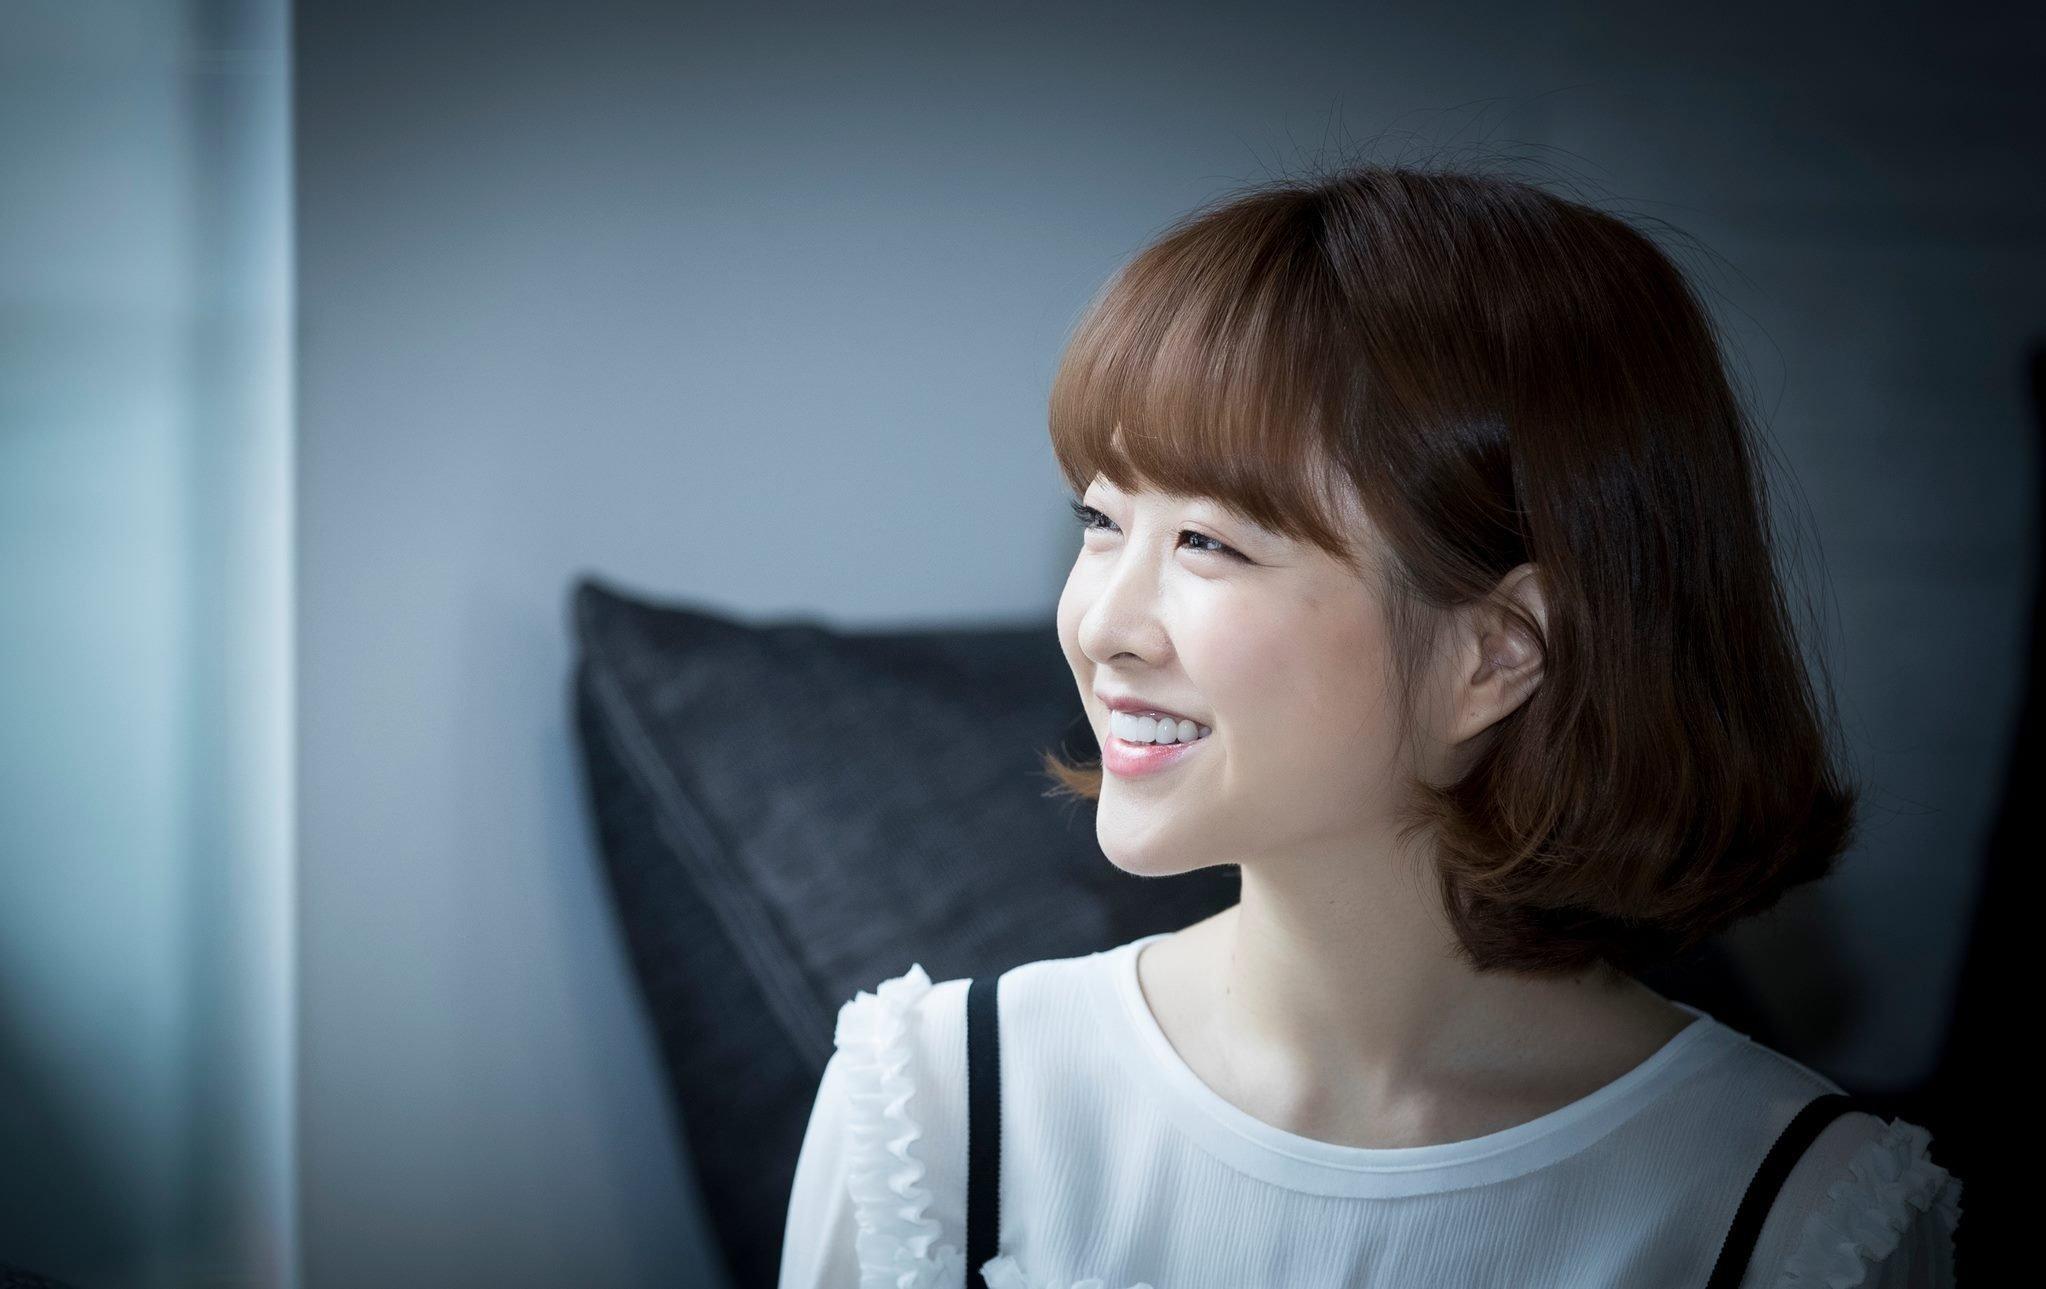 Южнокорейские актрисы: как выглядят кумиры молодёжи Востока